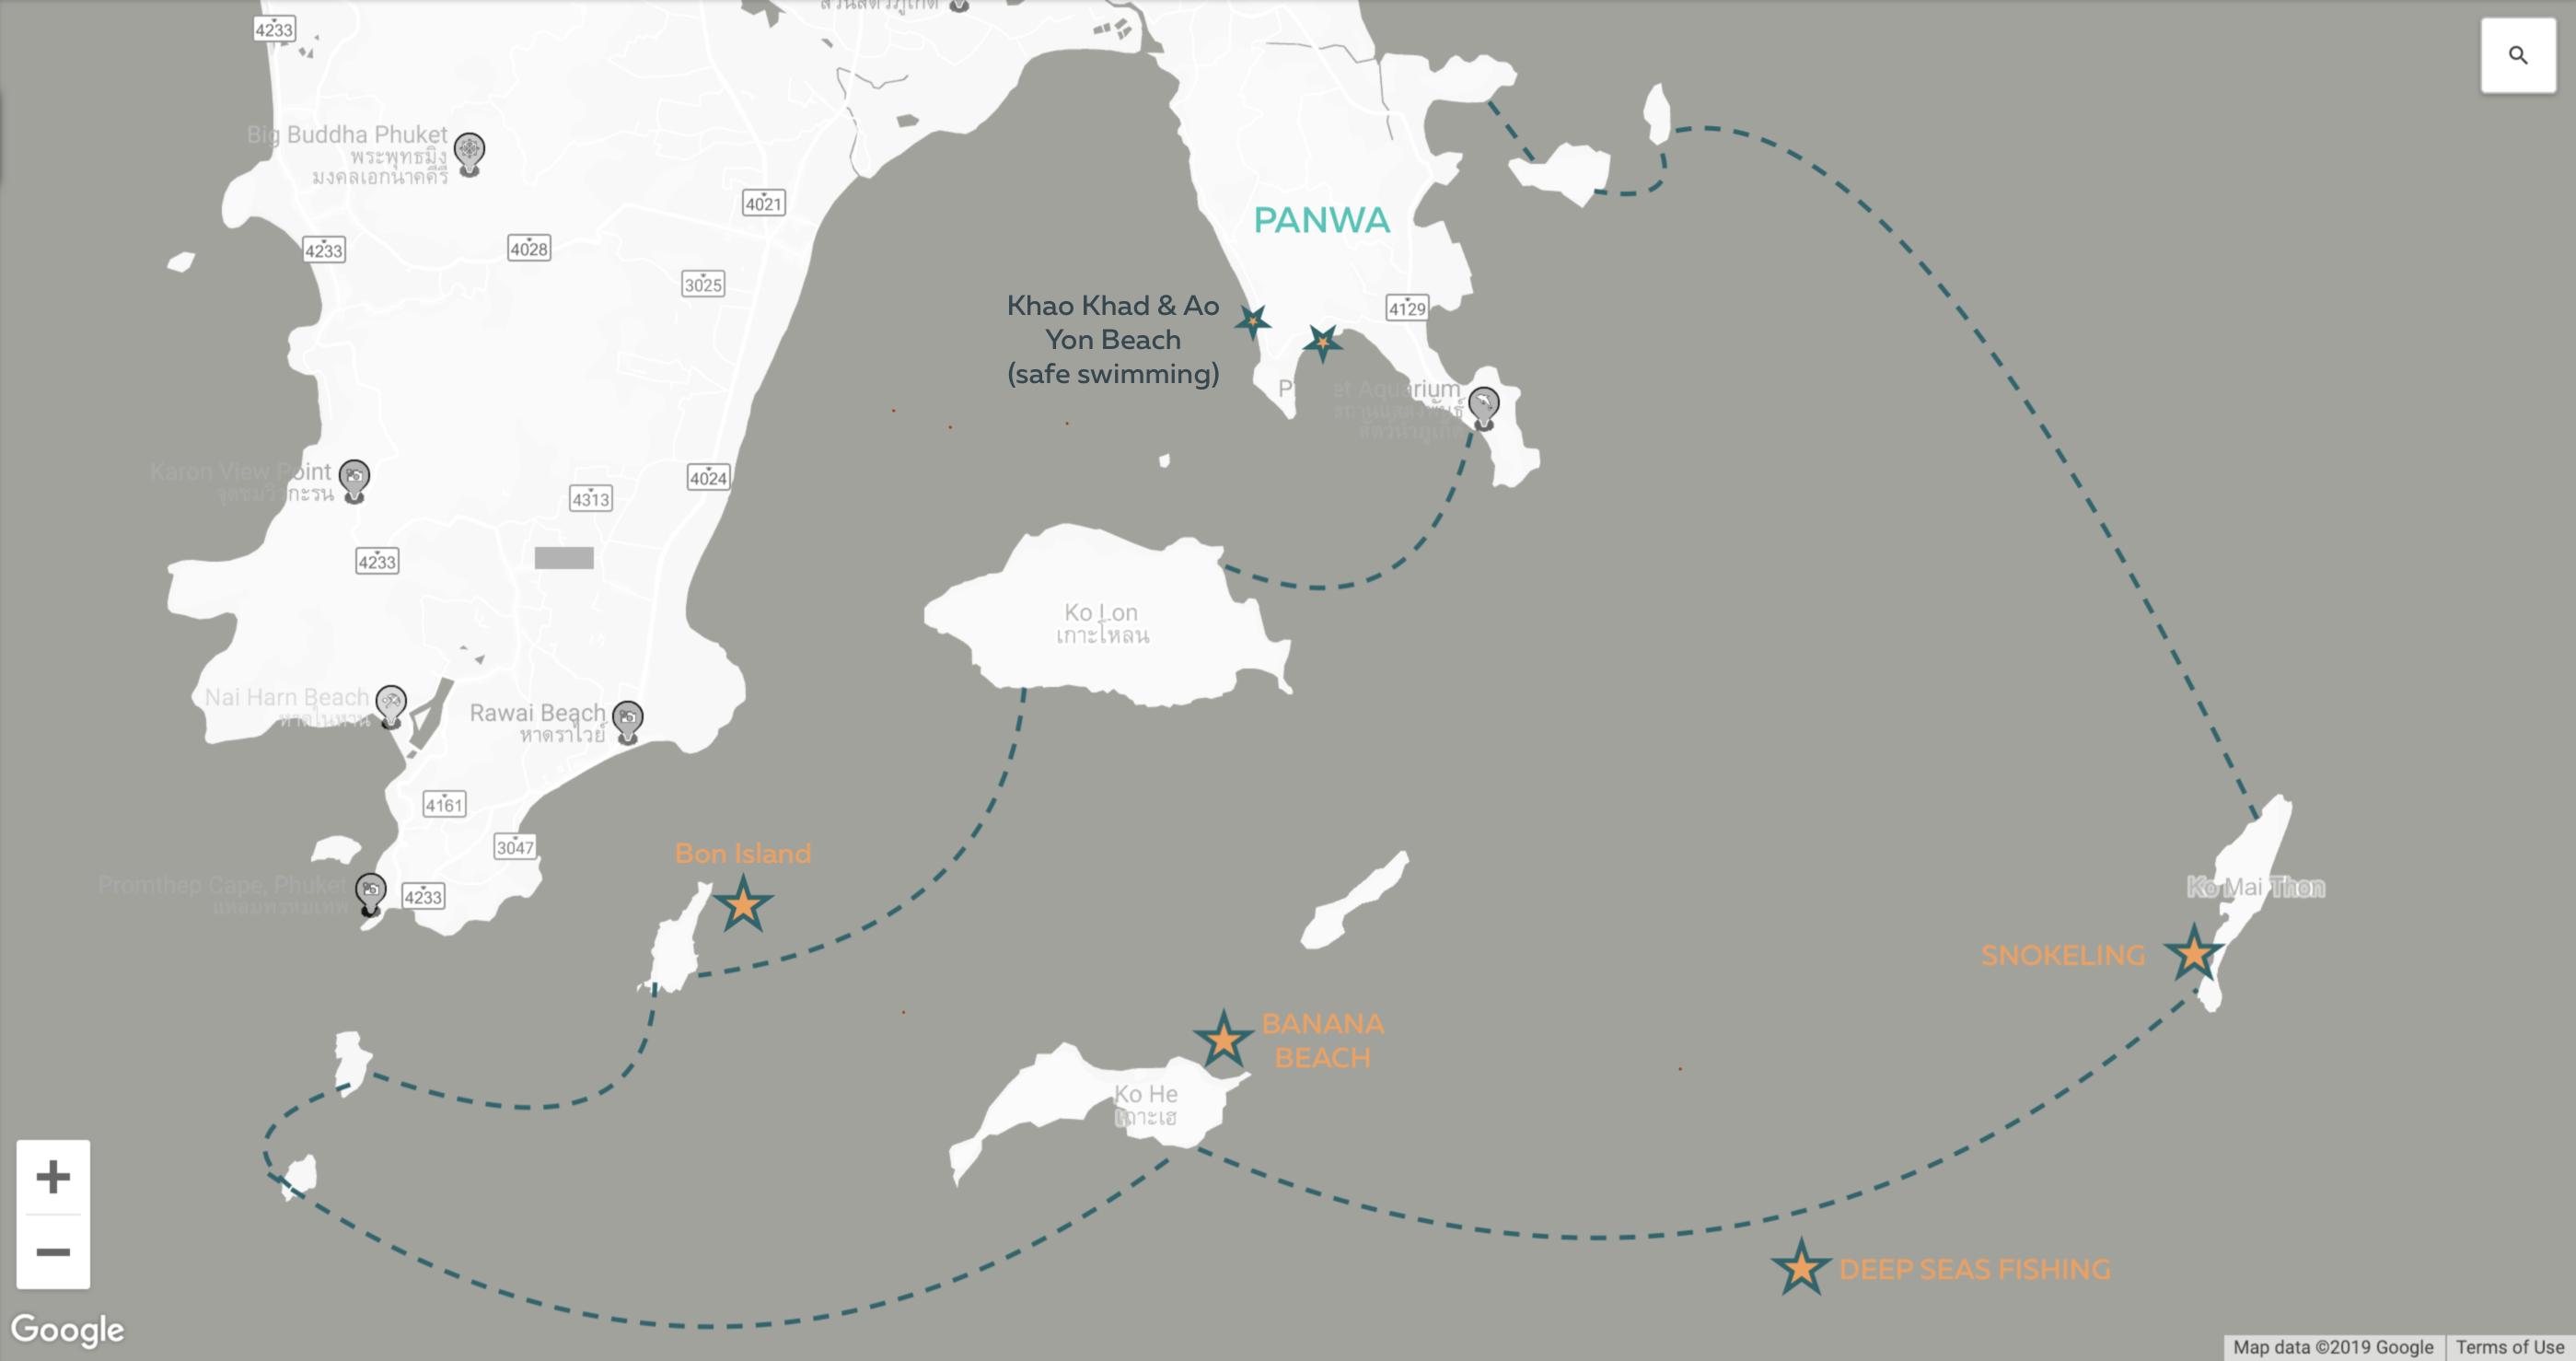 panwa map